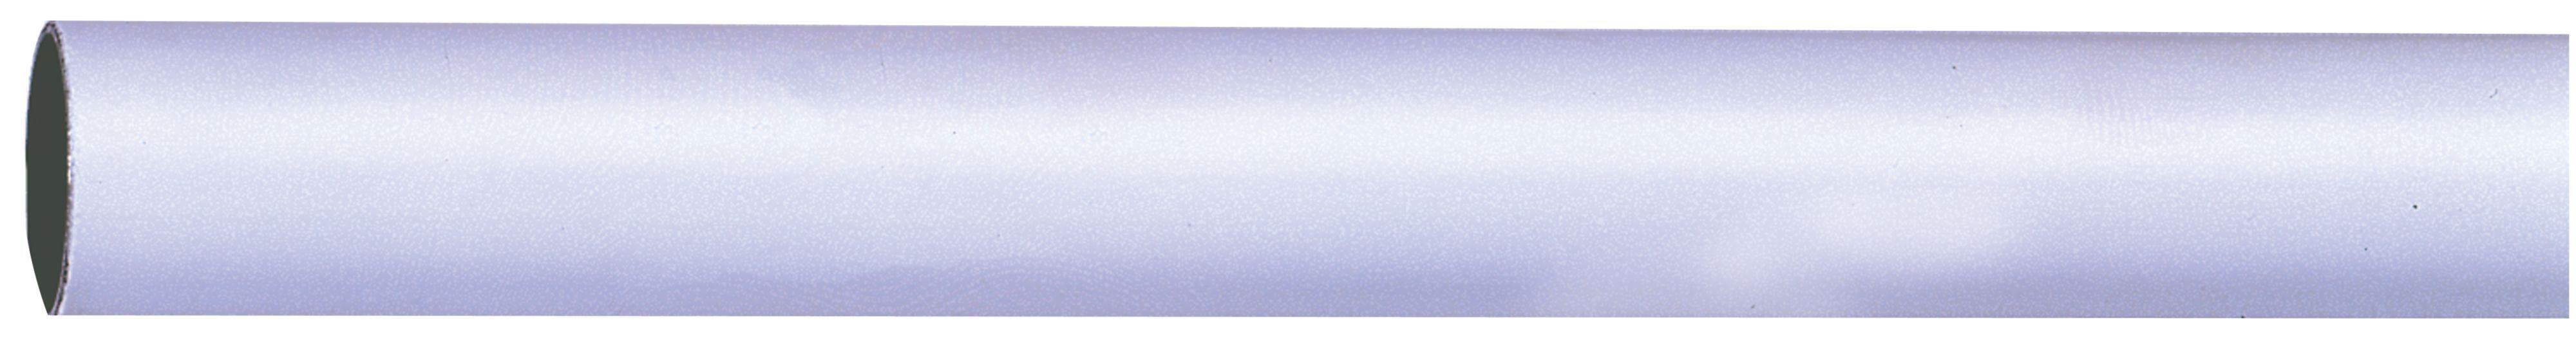 Colorail White Steel Round Tube (l)1.2m